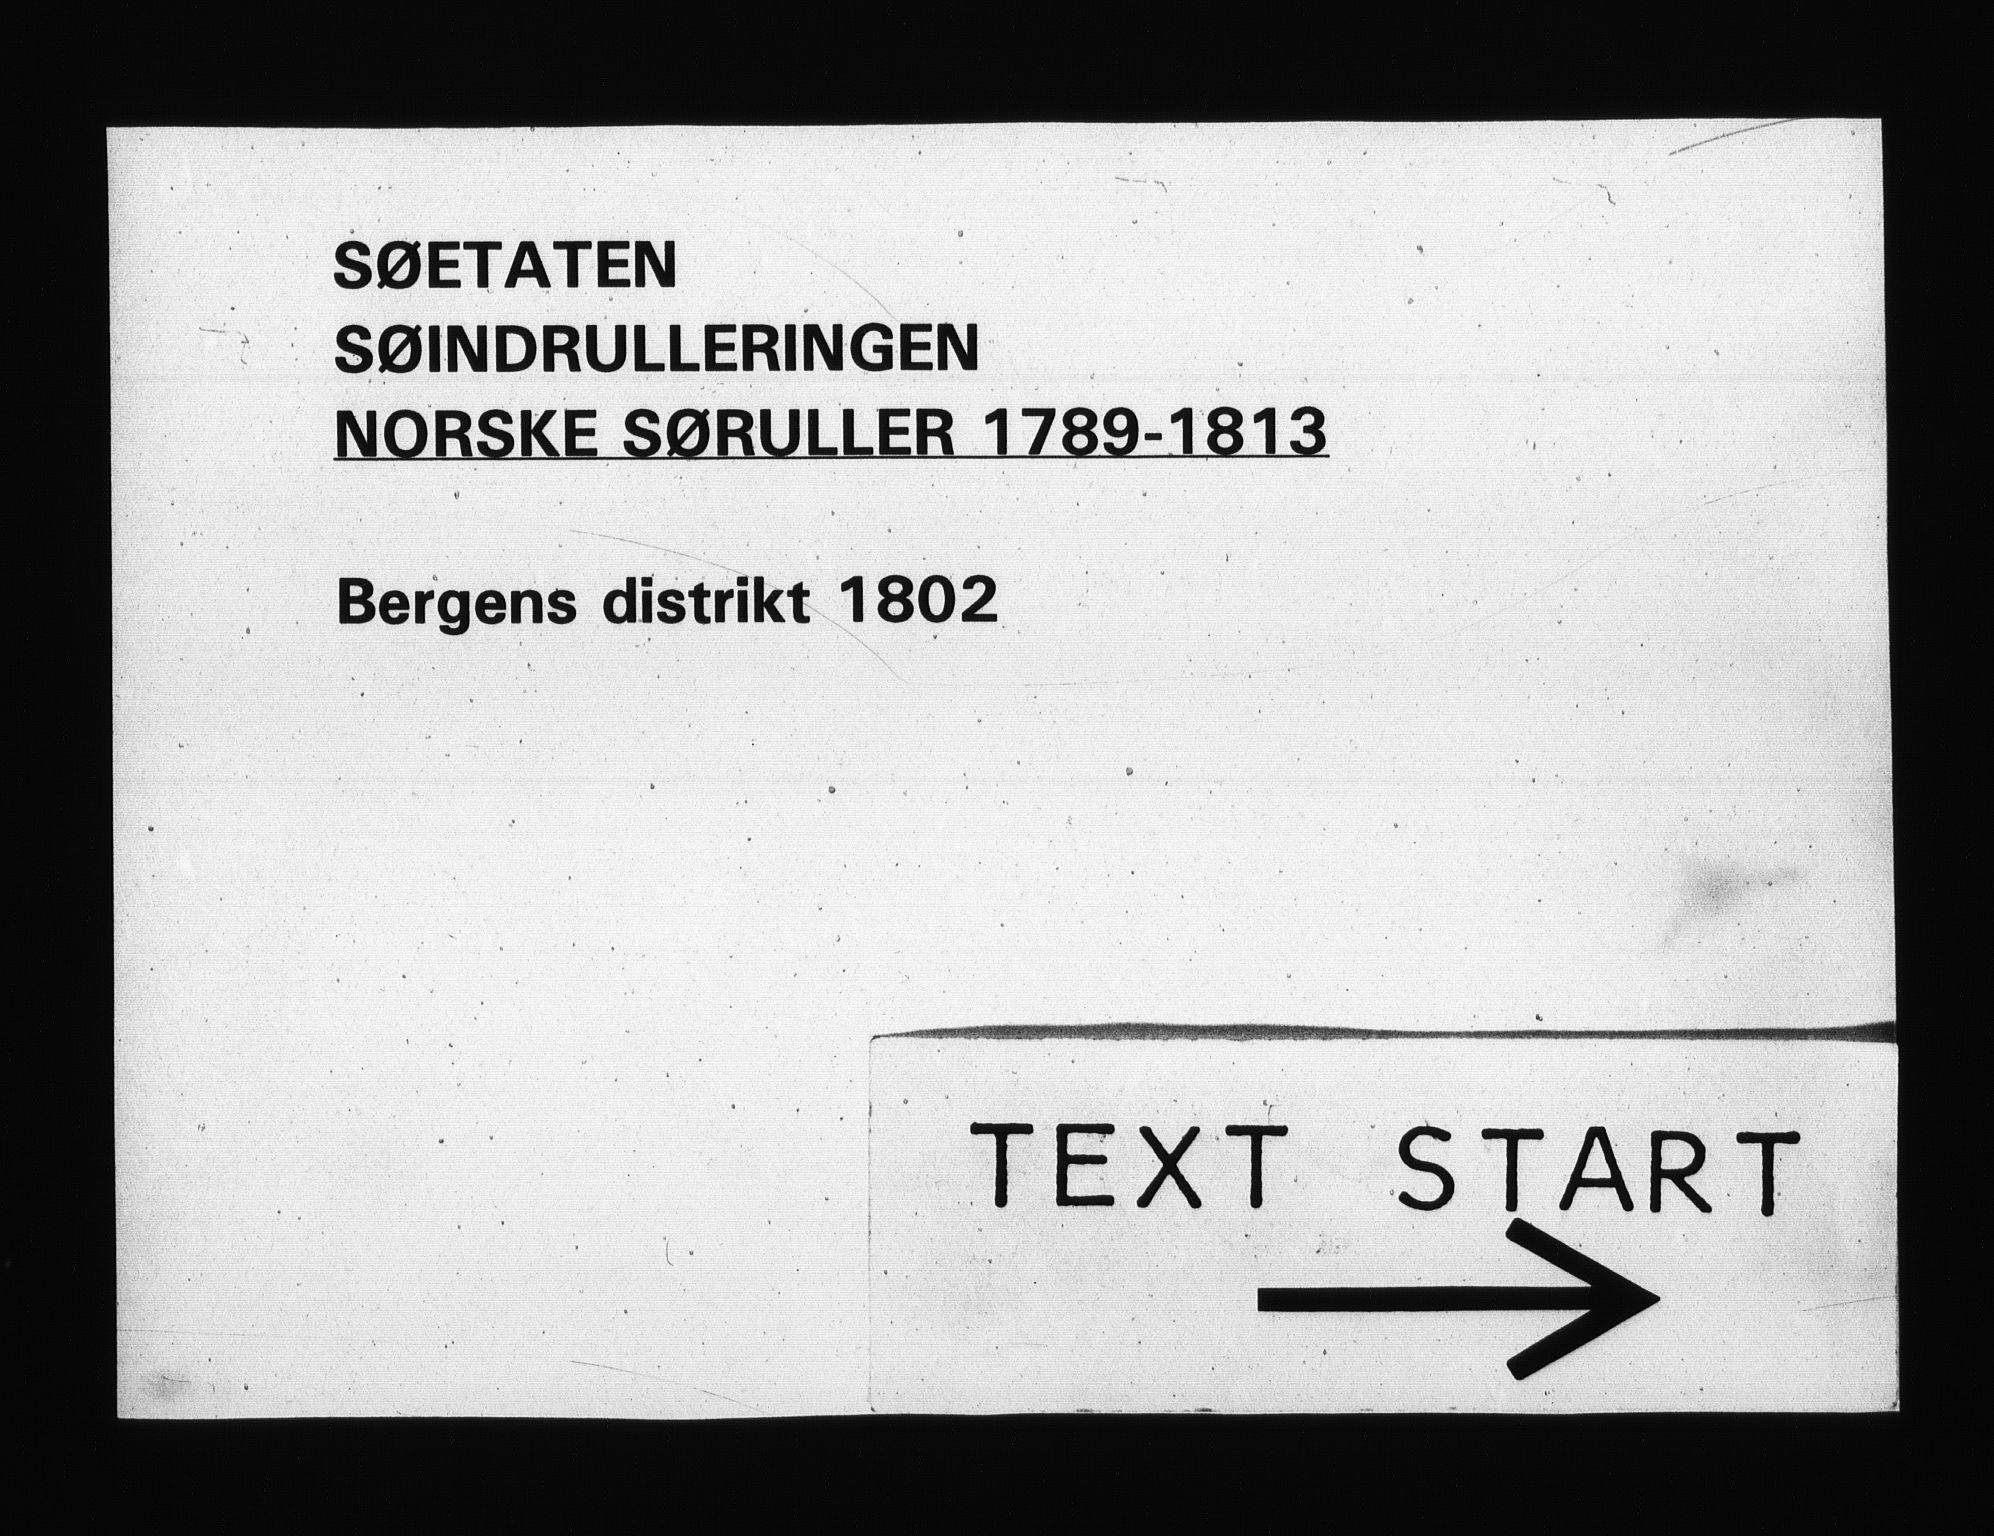 RA, Sjøetaten, F/L0242: Bergen distrikt, bind 1, 1802